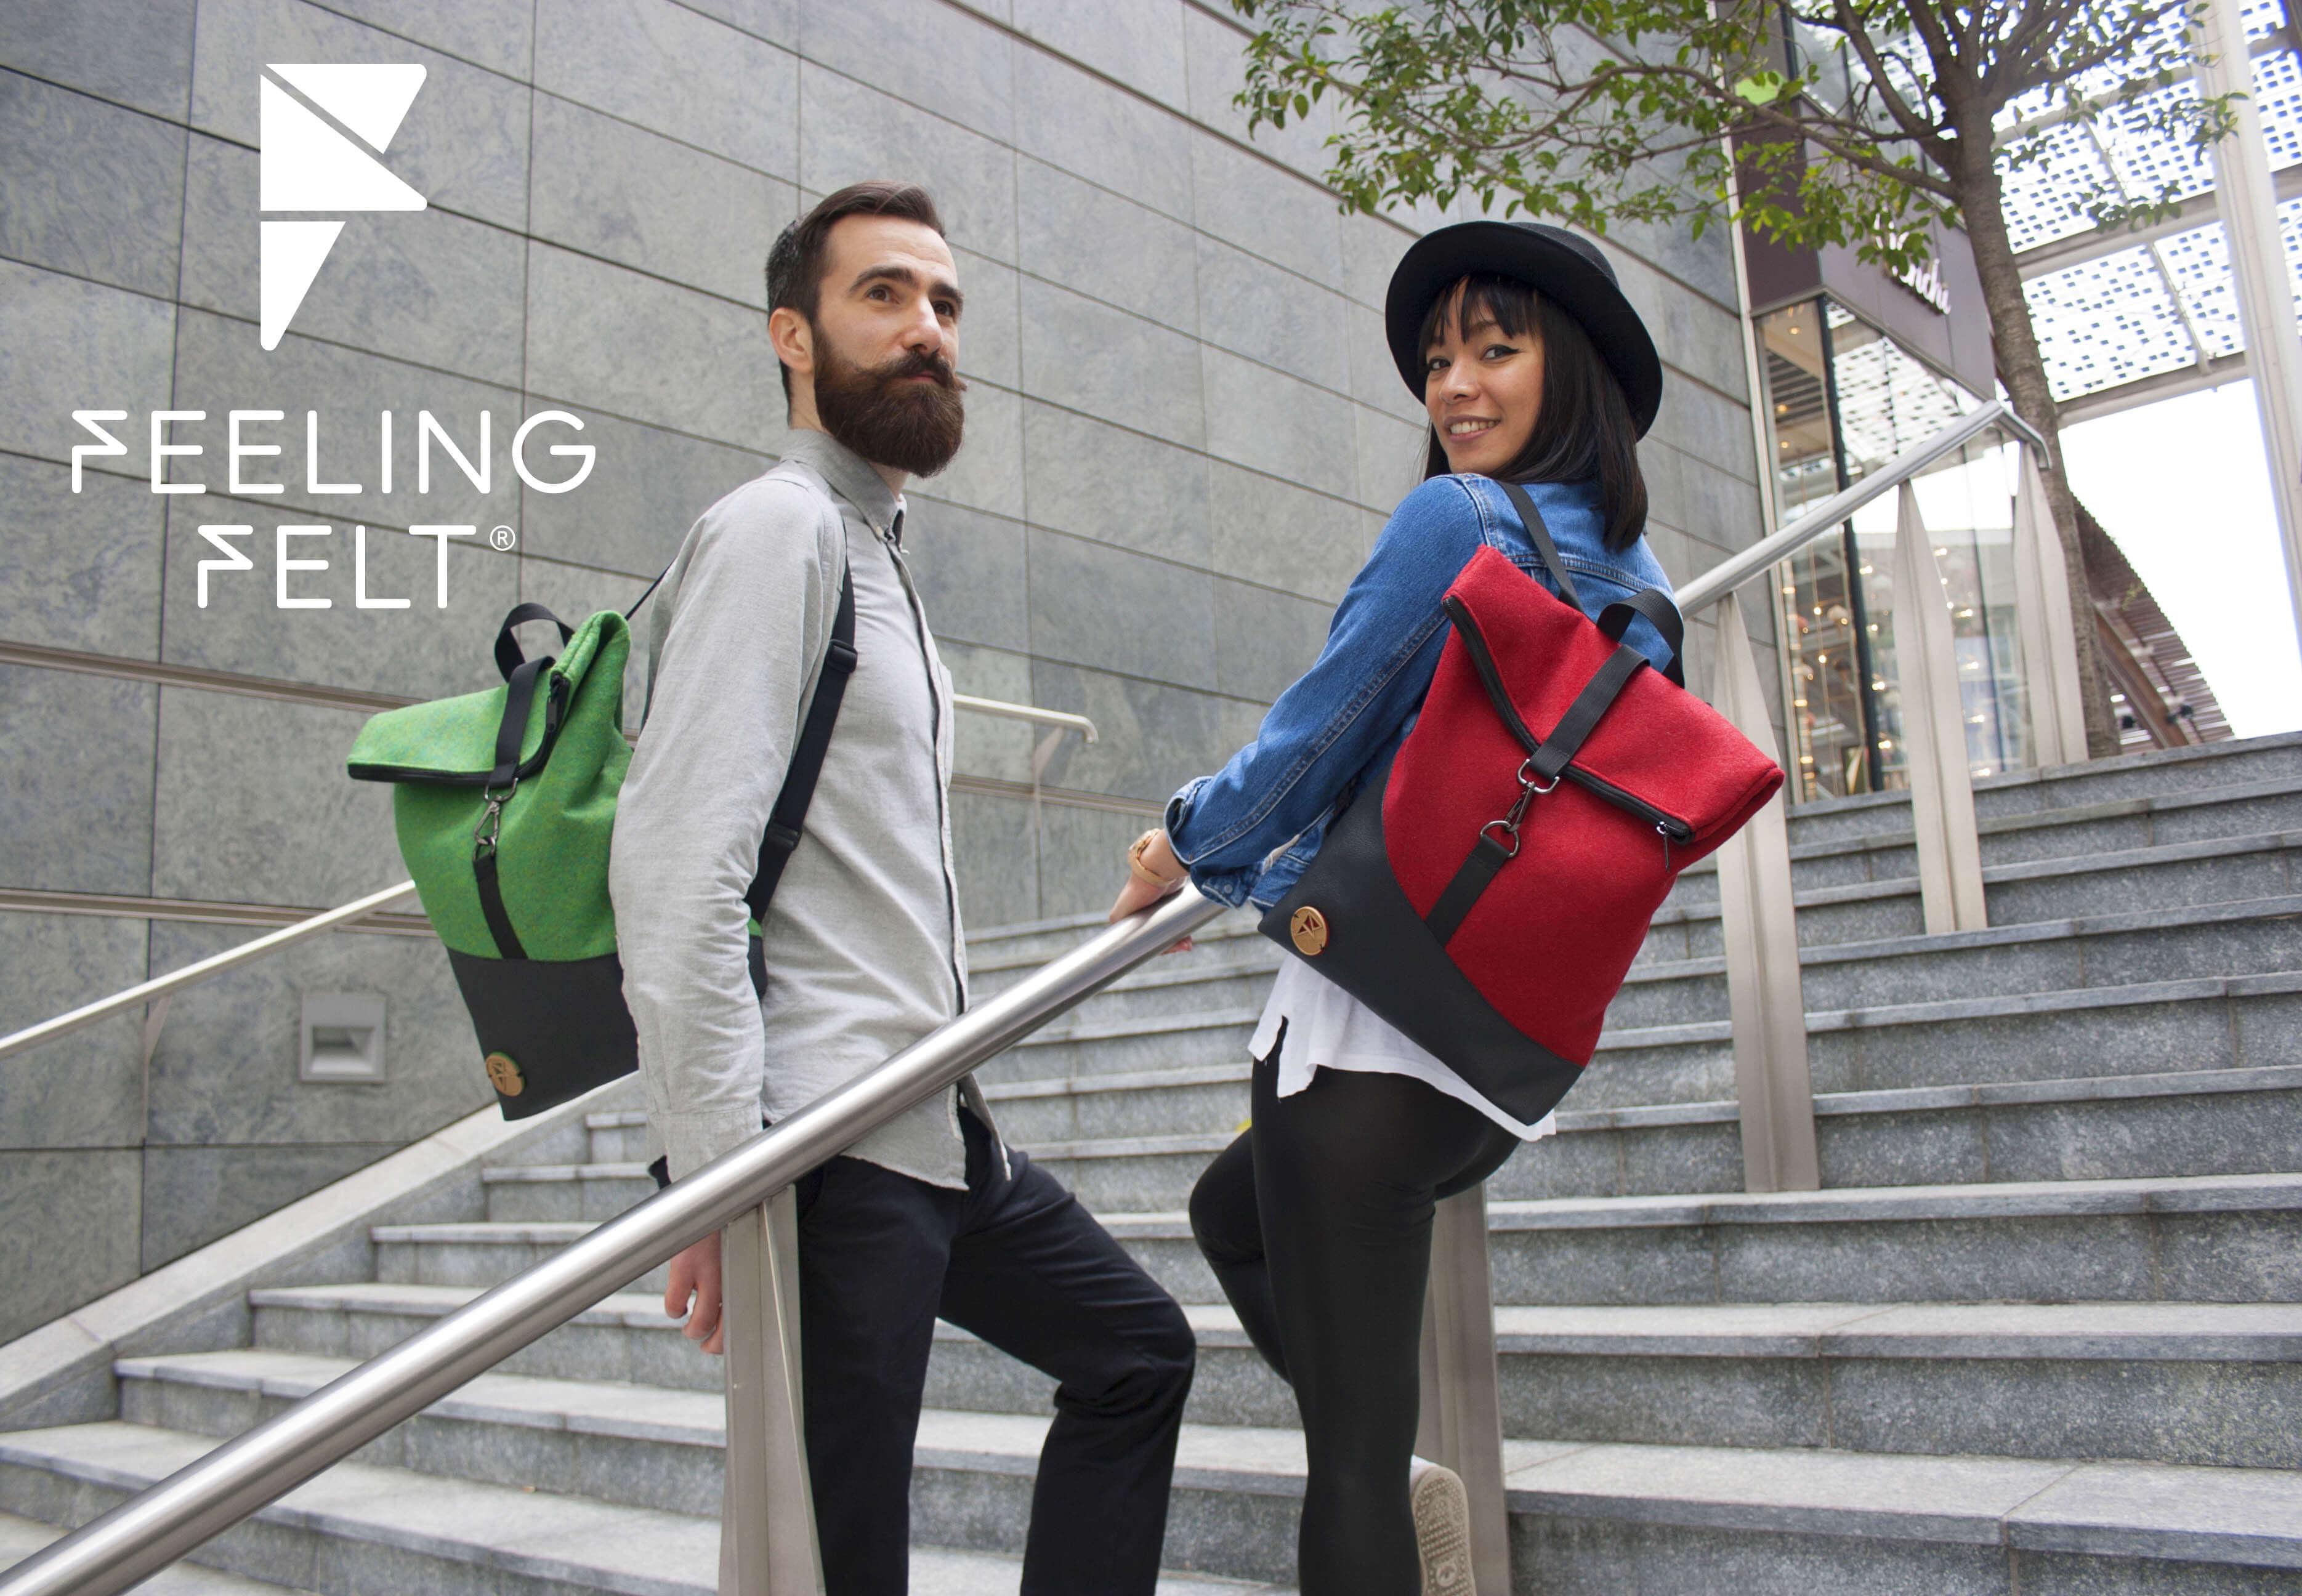 Personnes portant des sacs à dos Feeling Felt sur des marches d'escalier